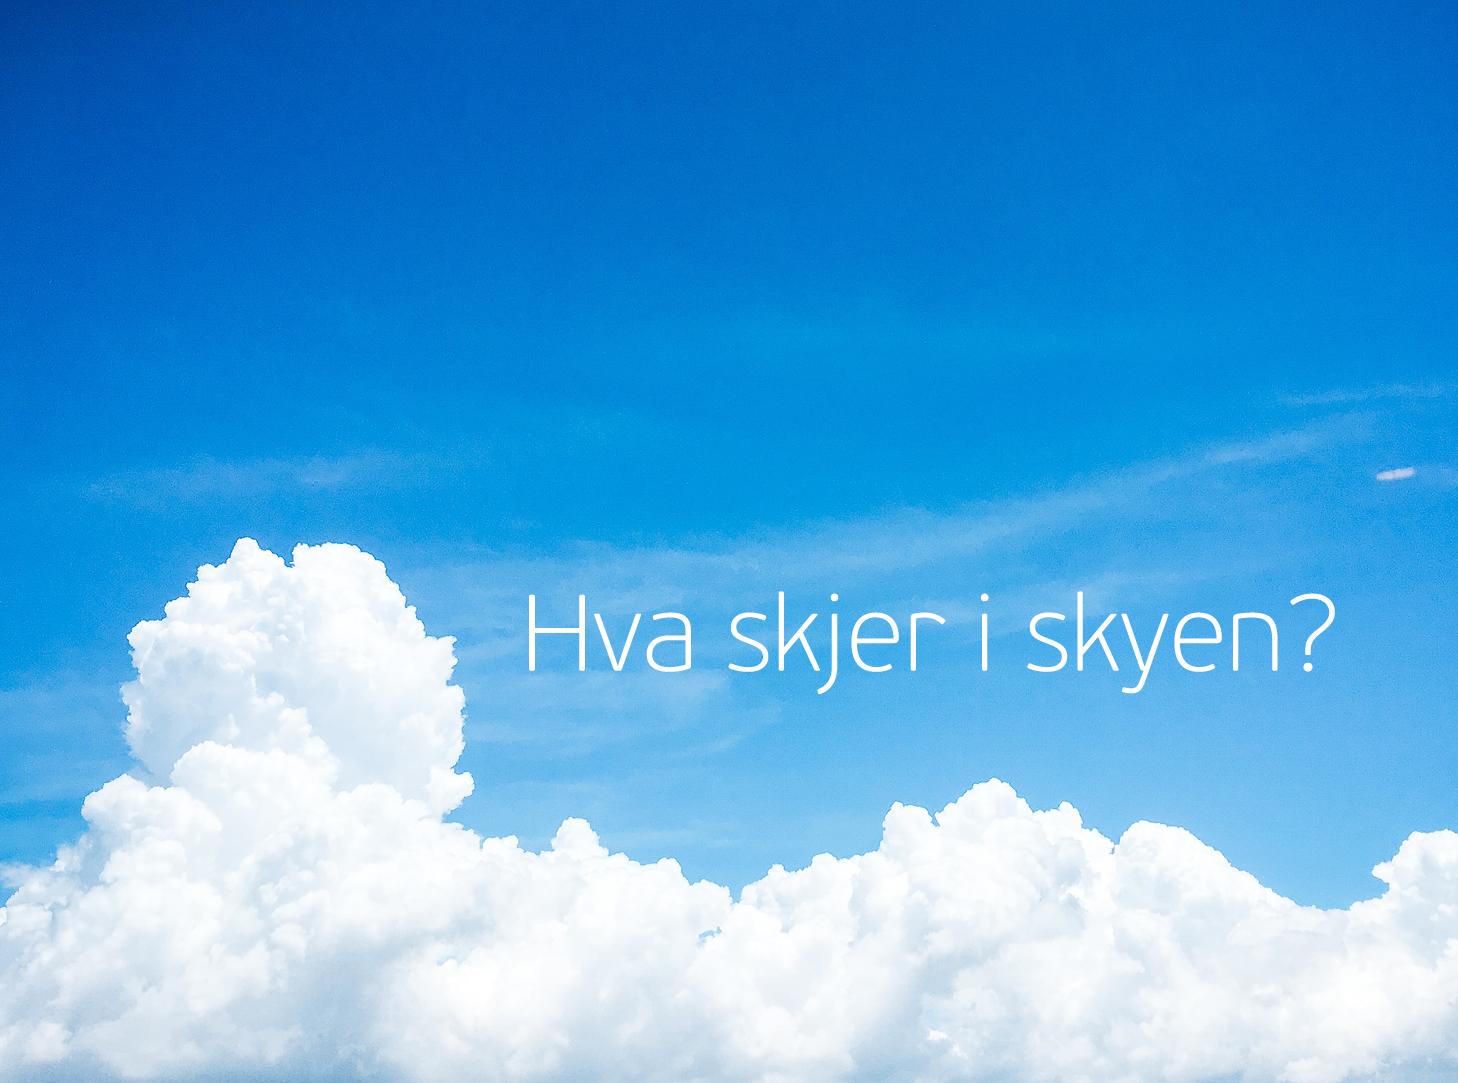 Hva skjer i skyen